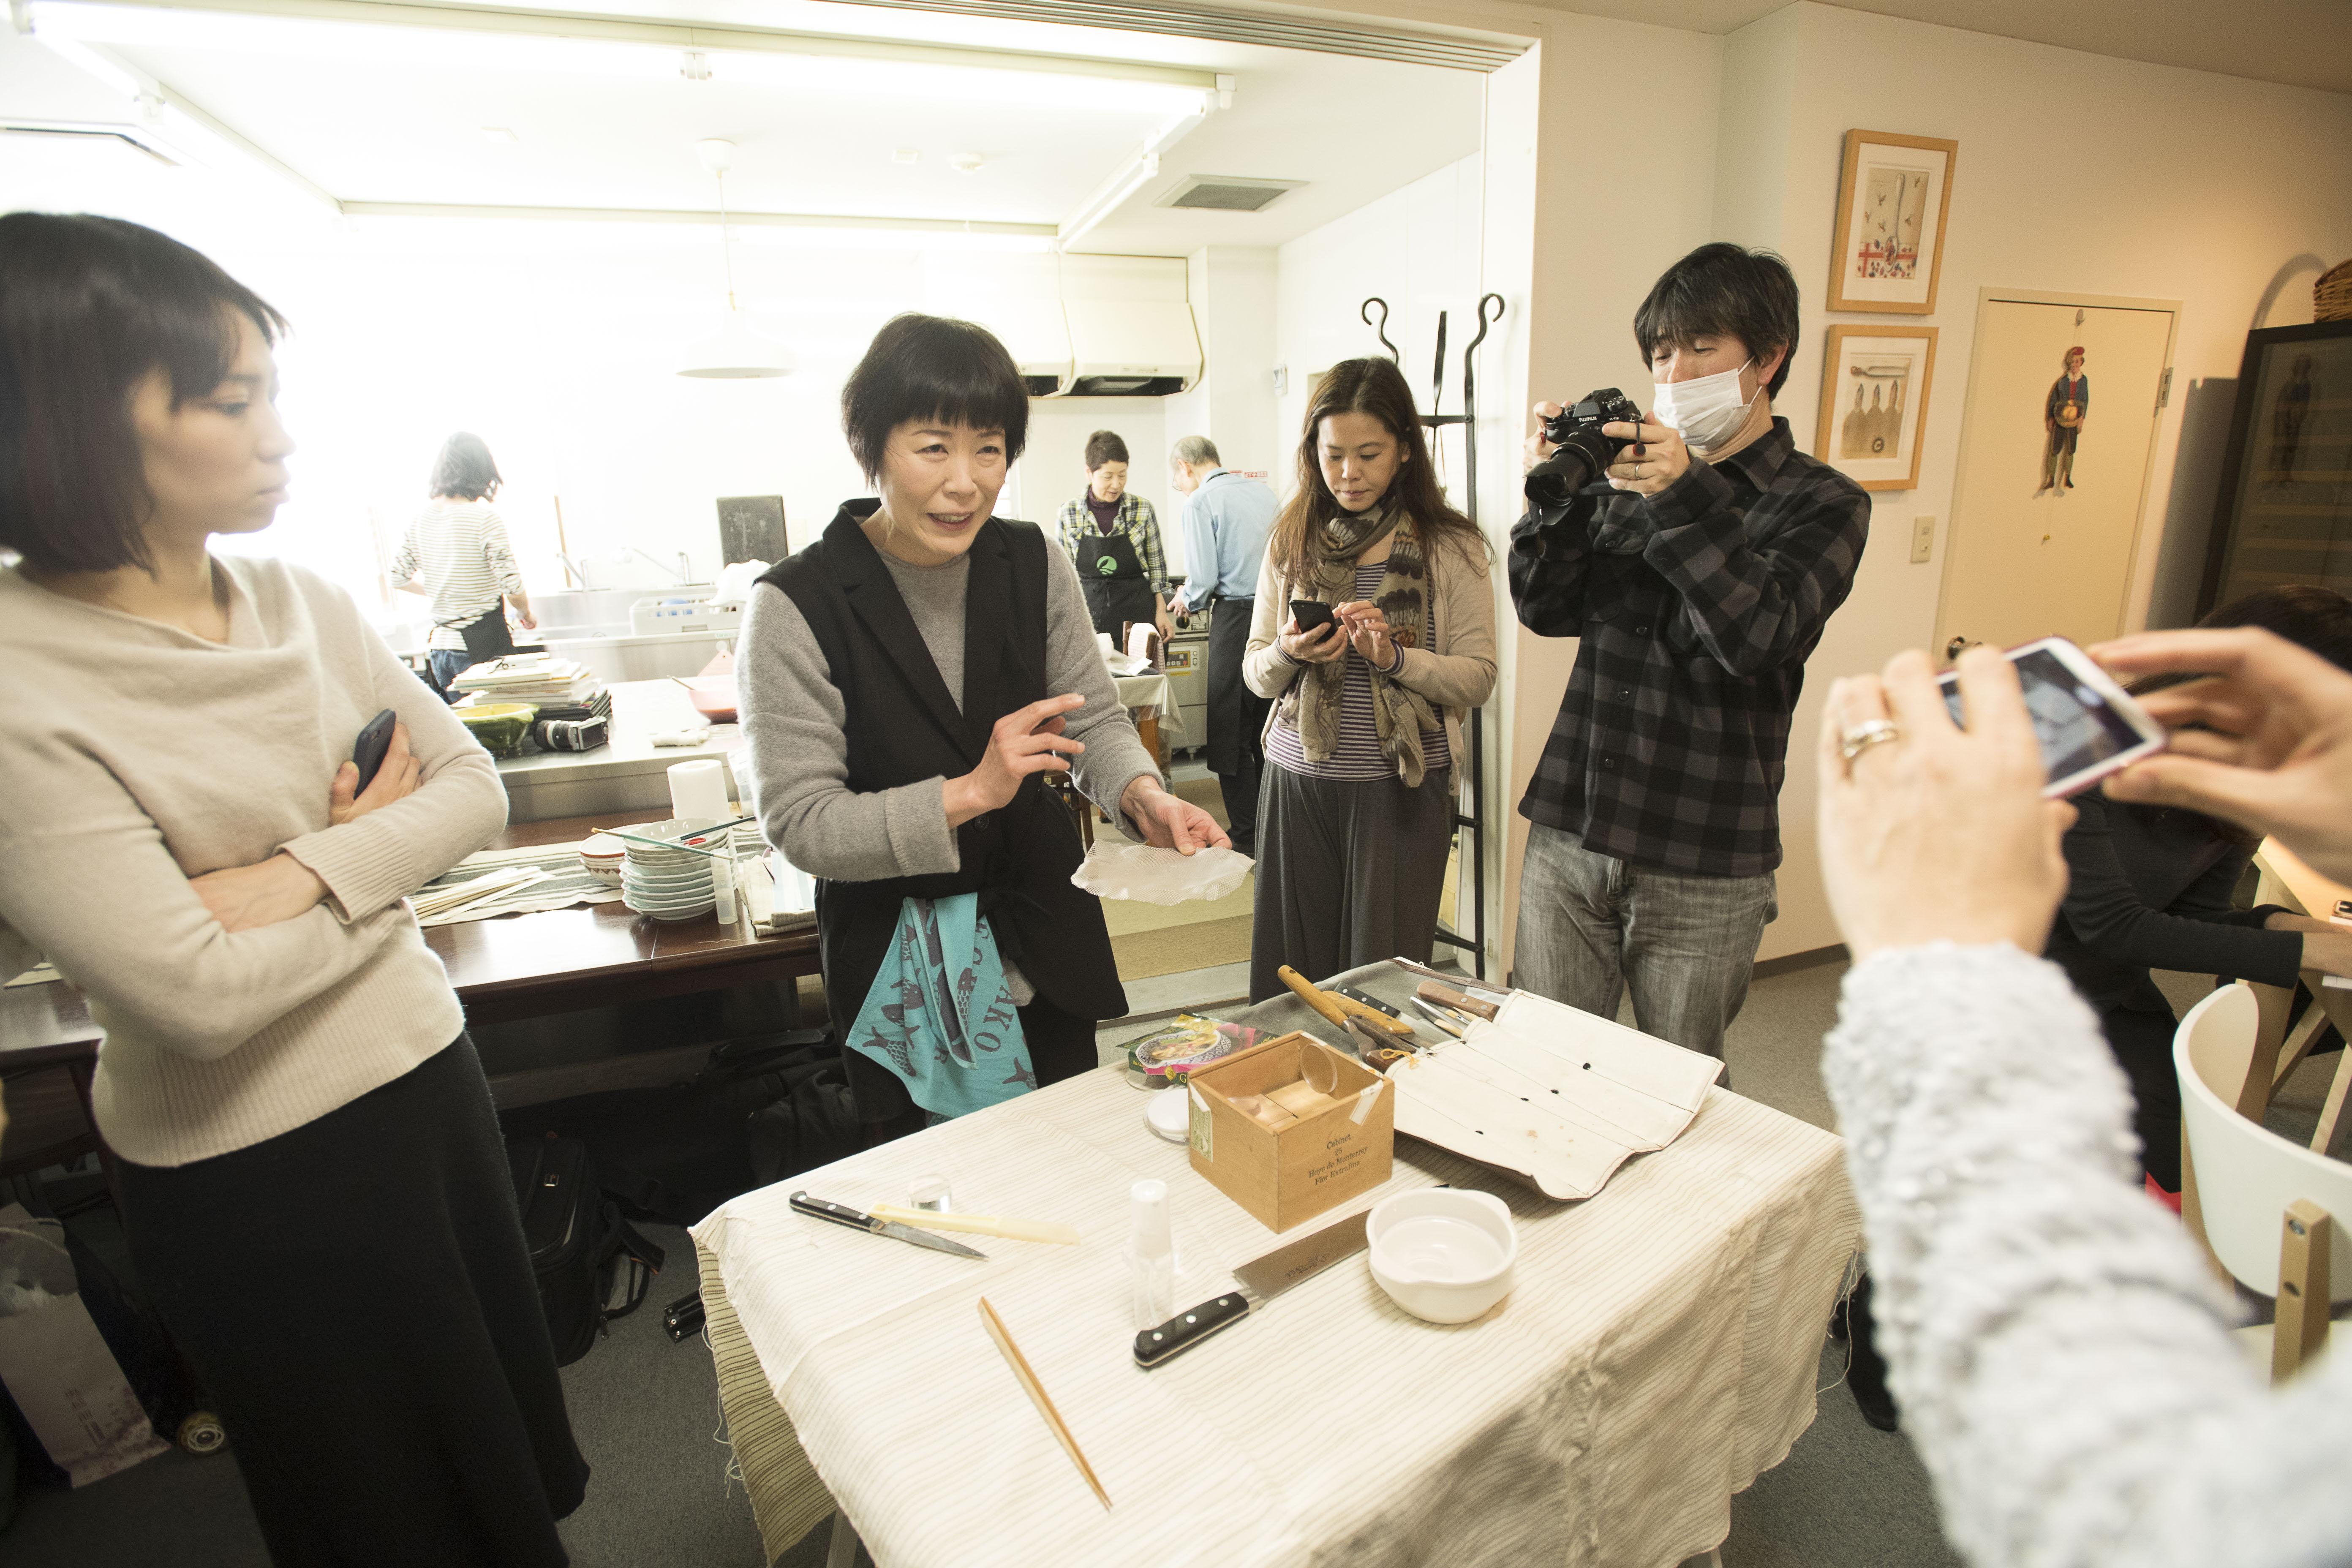 講師は初登壇の渡邊美穂さん。この道30年。超ベテランの大先輩です。